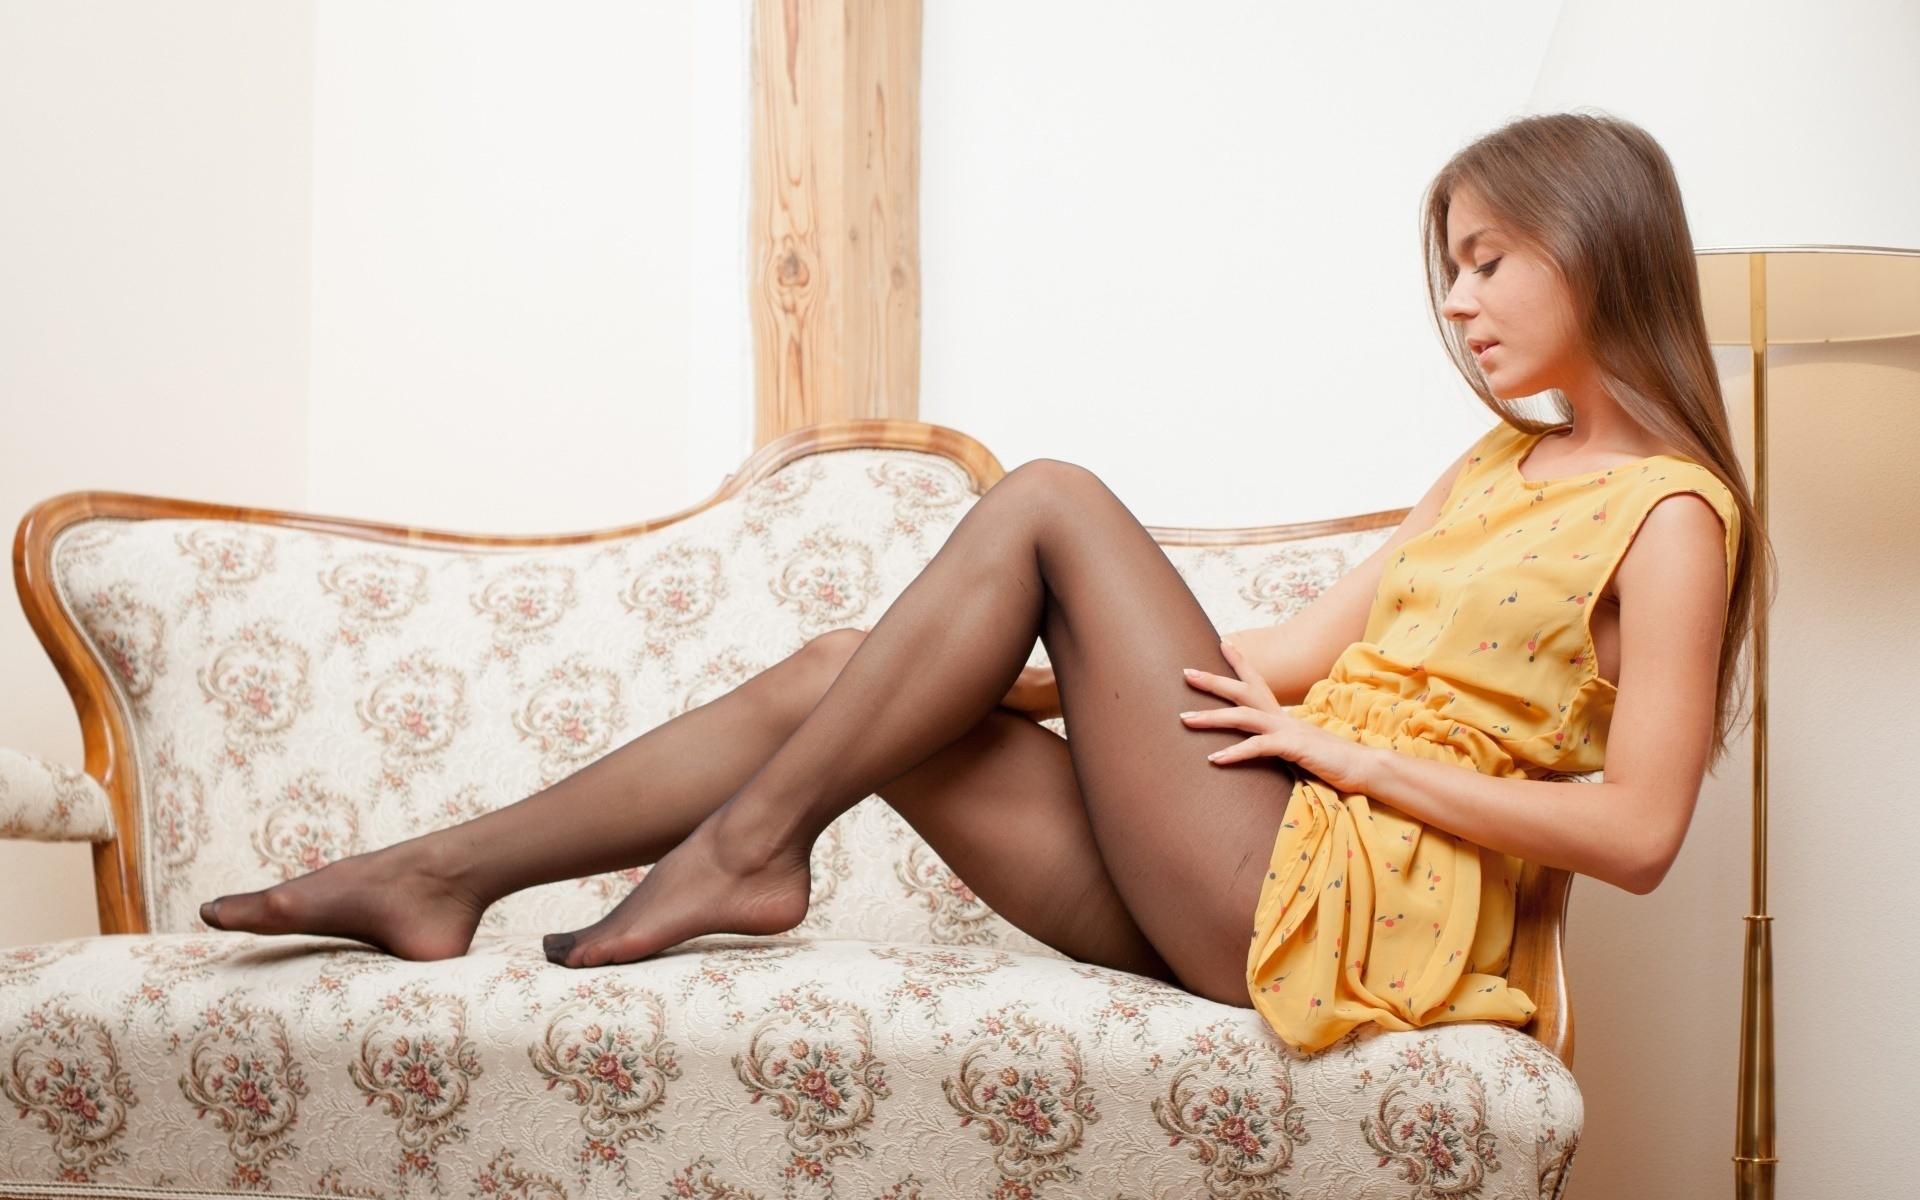 красивое порно видео с девушкой в чулках и вечернем платье